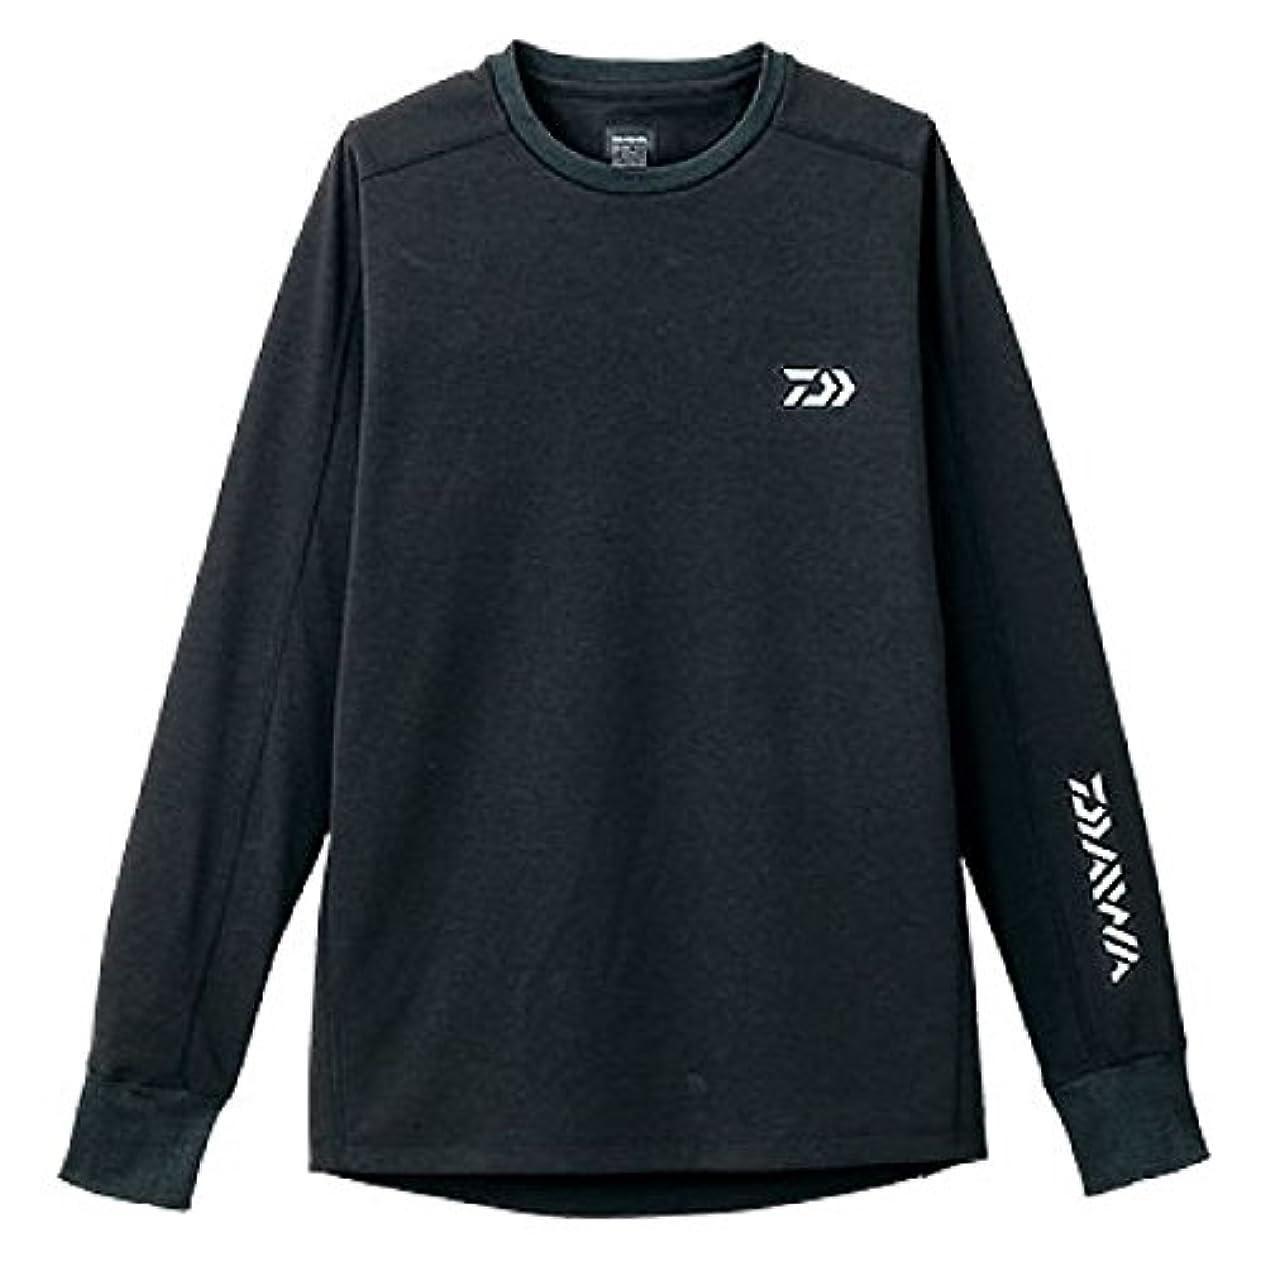 ダイワ BUG BLOCKER 防蚊ロングスリーブシャツ DE-5106 ブラック